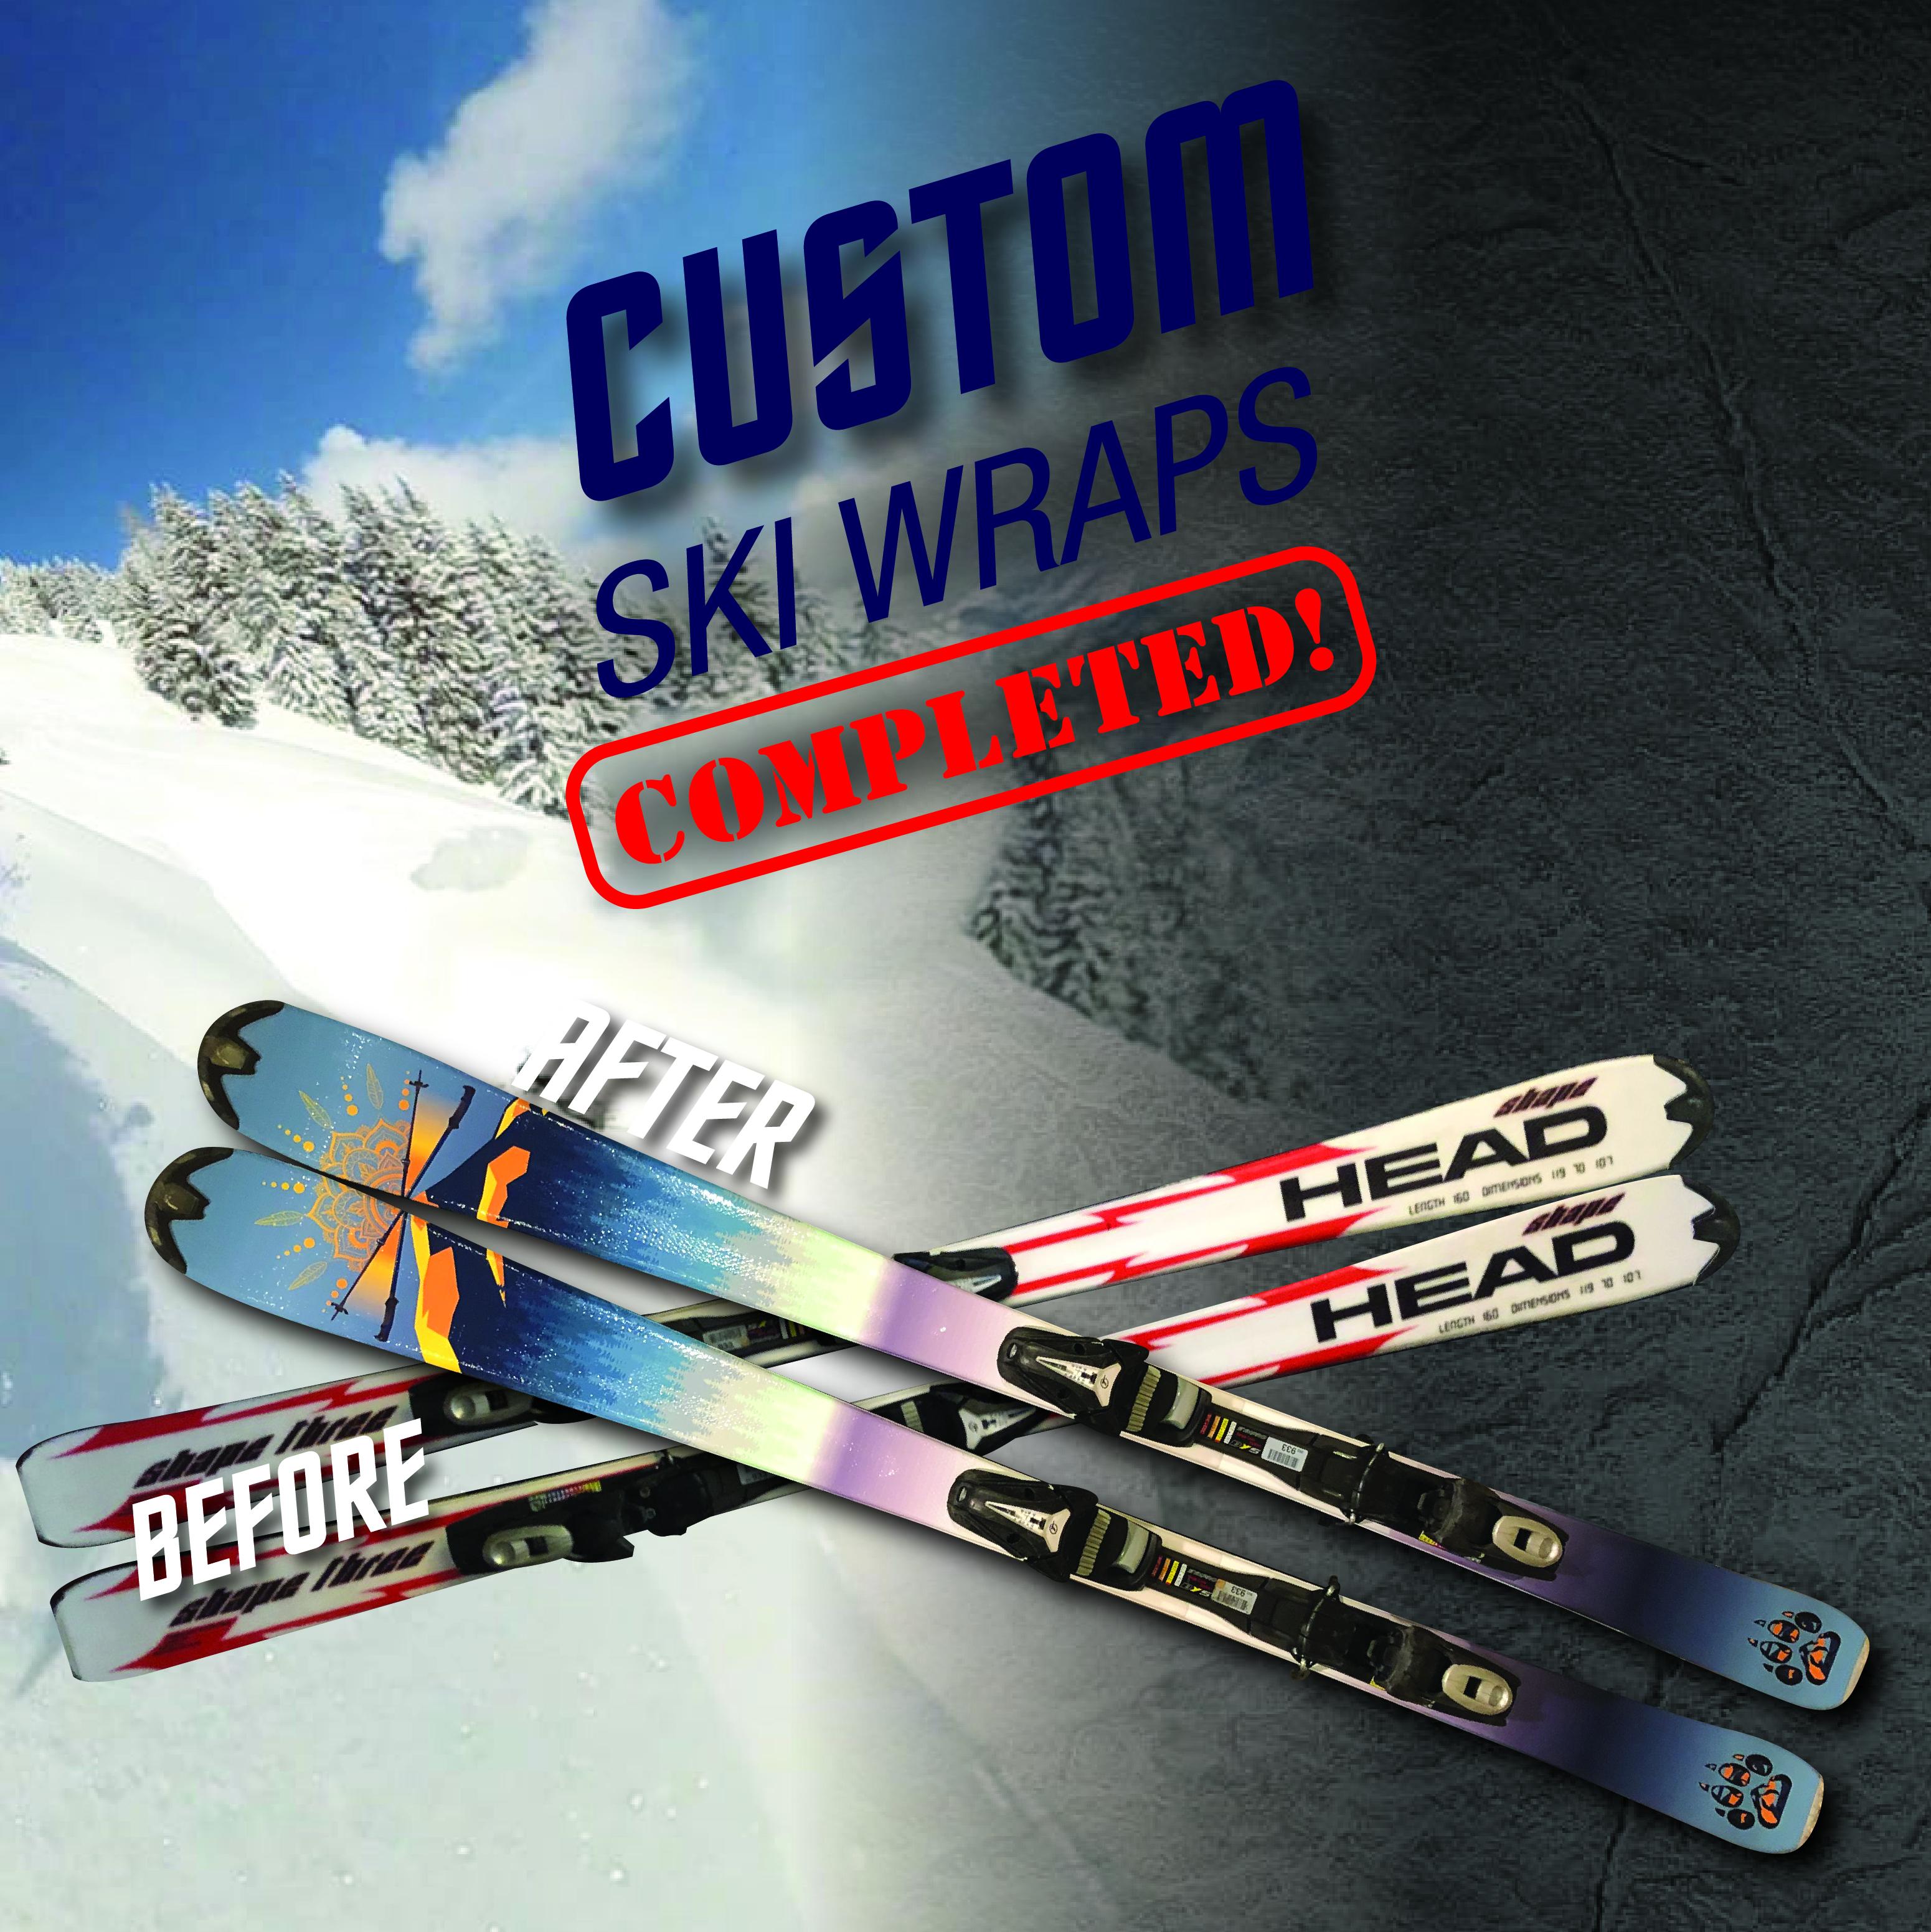 Kristie Ski Wrap